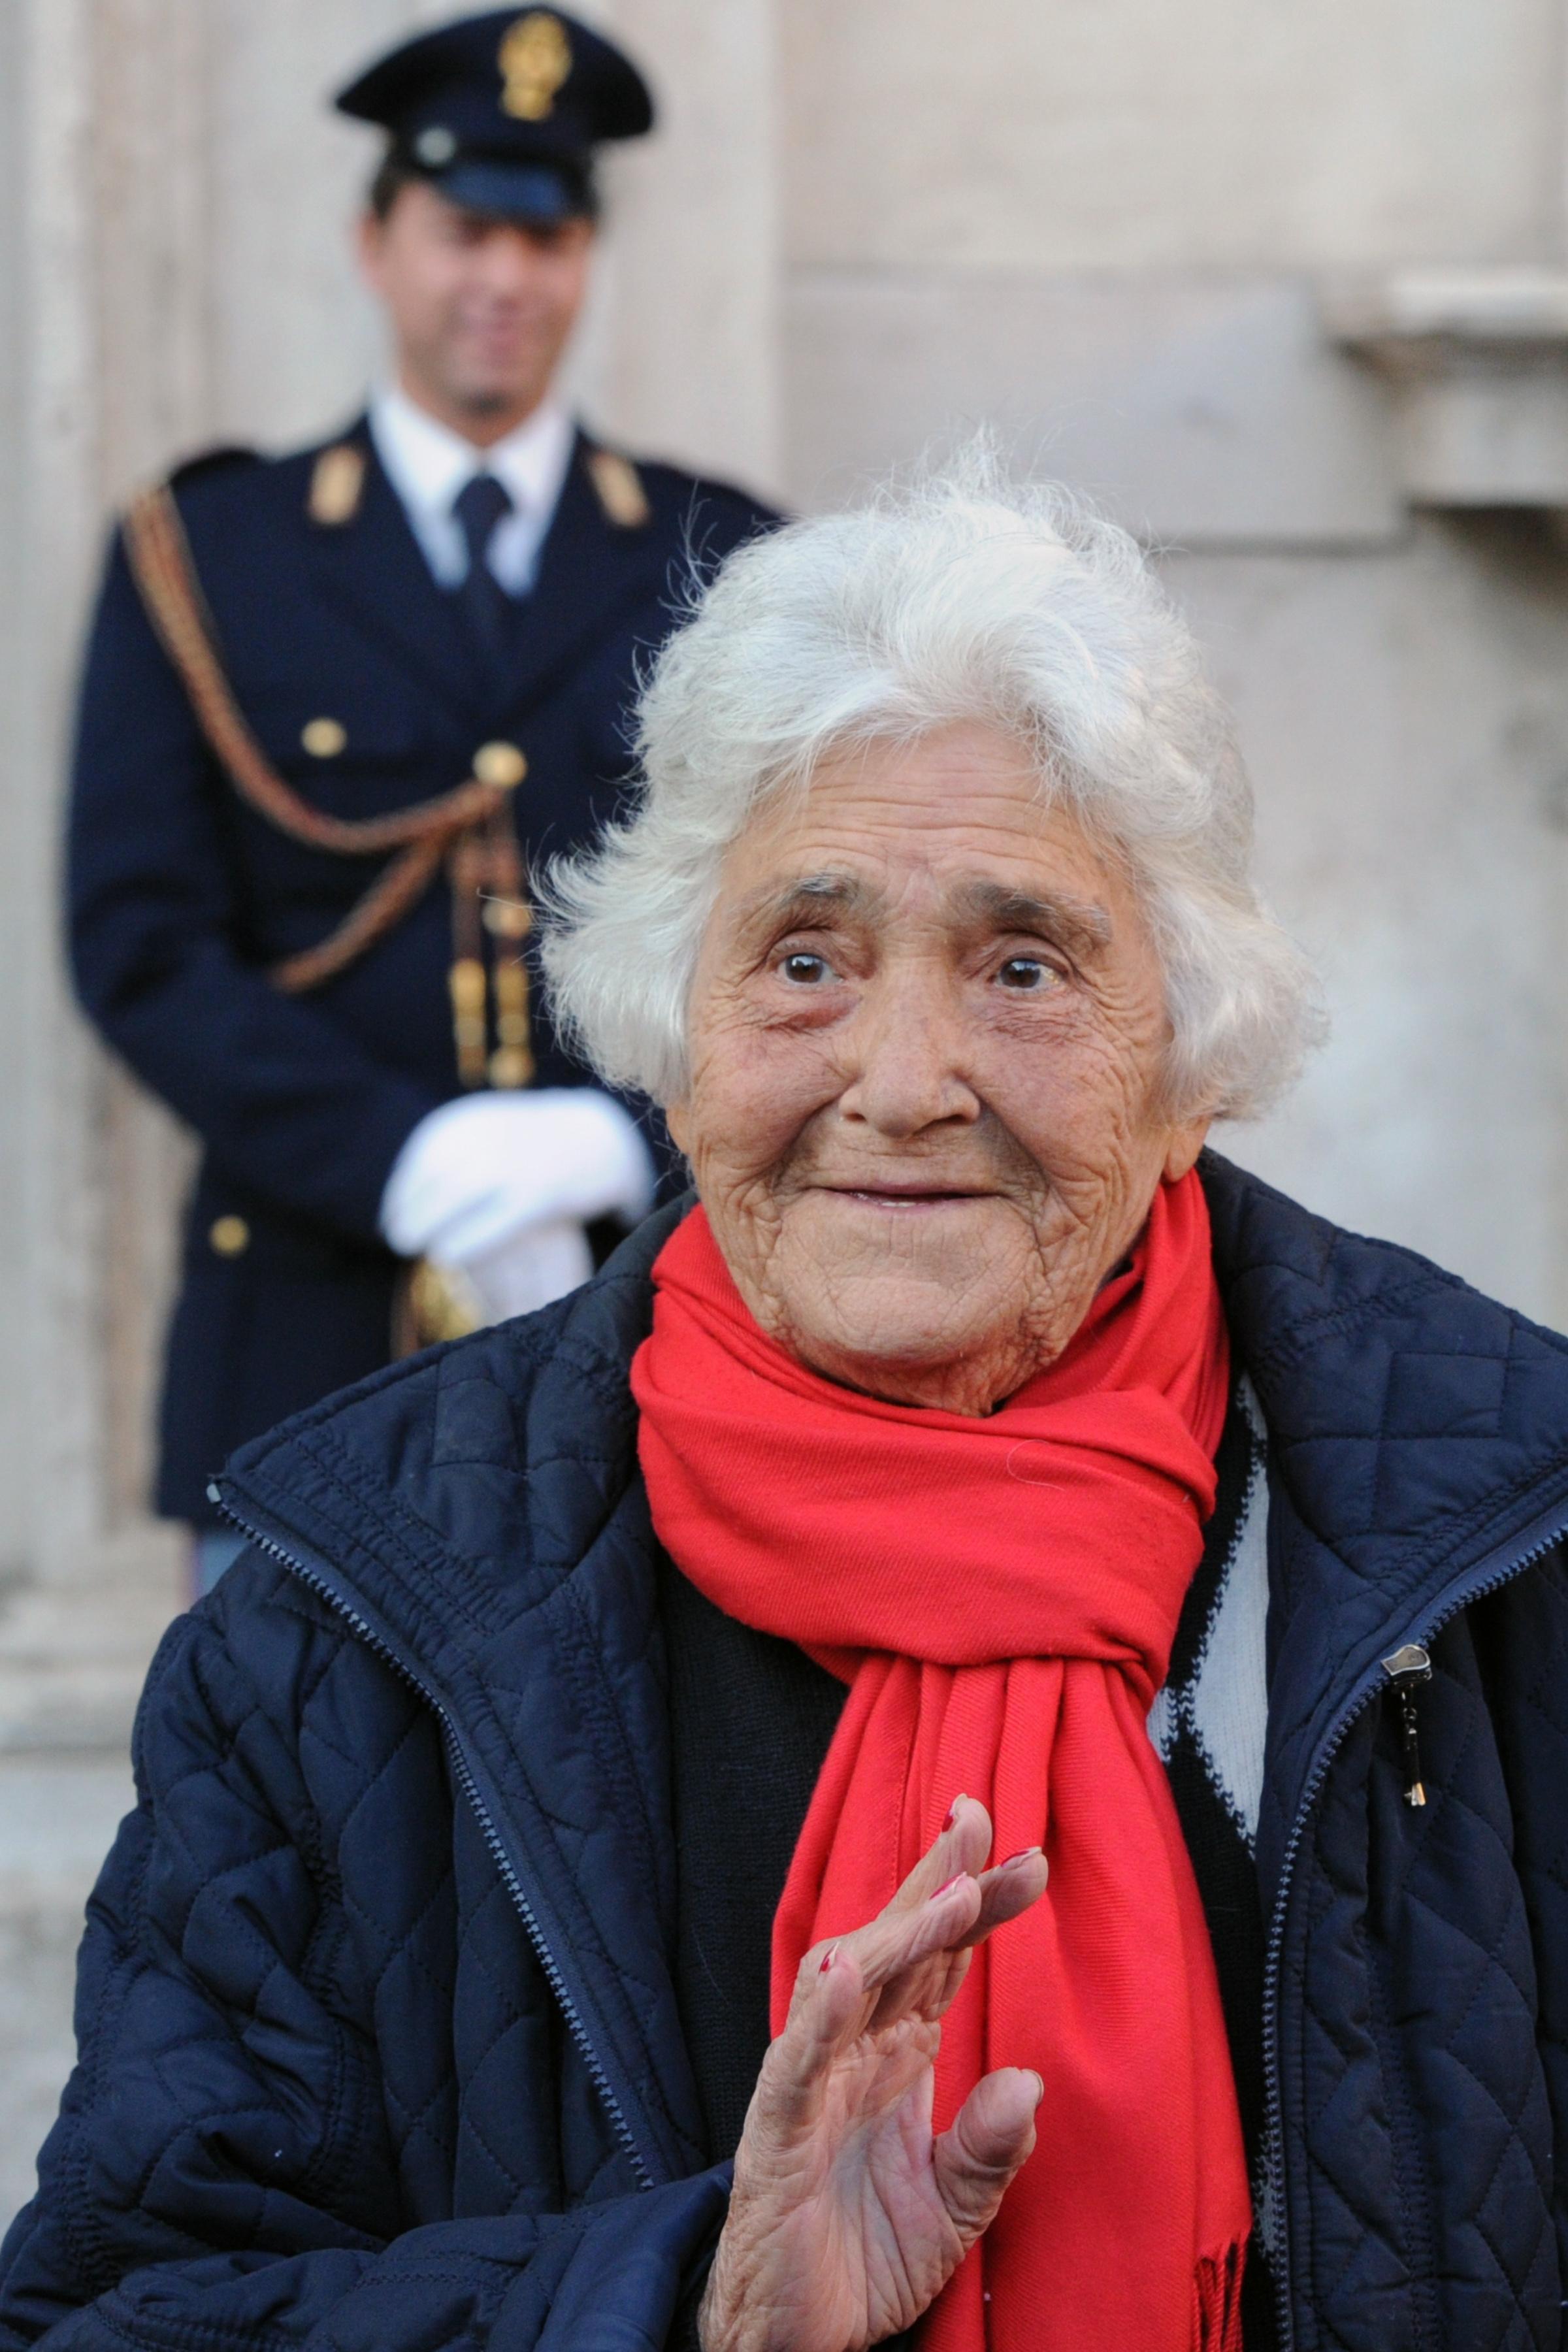 Итальянская протестующая Аннарела (Annarella), которые часто делится своими мыслями по поводу итальянских политиков перед итальянскими институтами, стоит перед Палаццо Киджи премьер-министра Италии 12 ноября 2011 года в Риме. Фото: Gabriel Bouys/Getty Ima